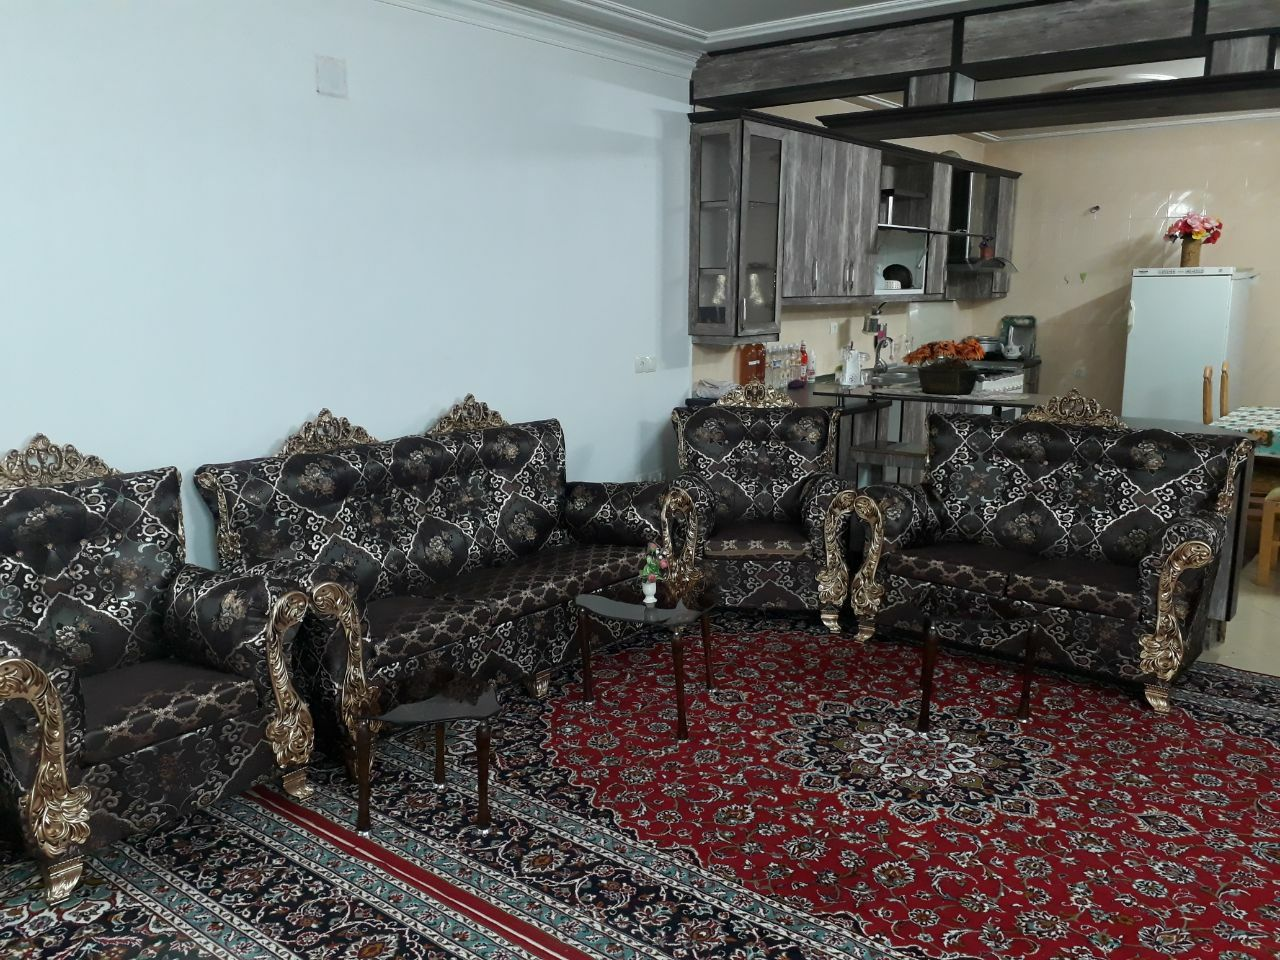 اجاره منزل مبله دو خوابه در کاشان-کد ۱۰۳